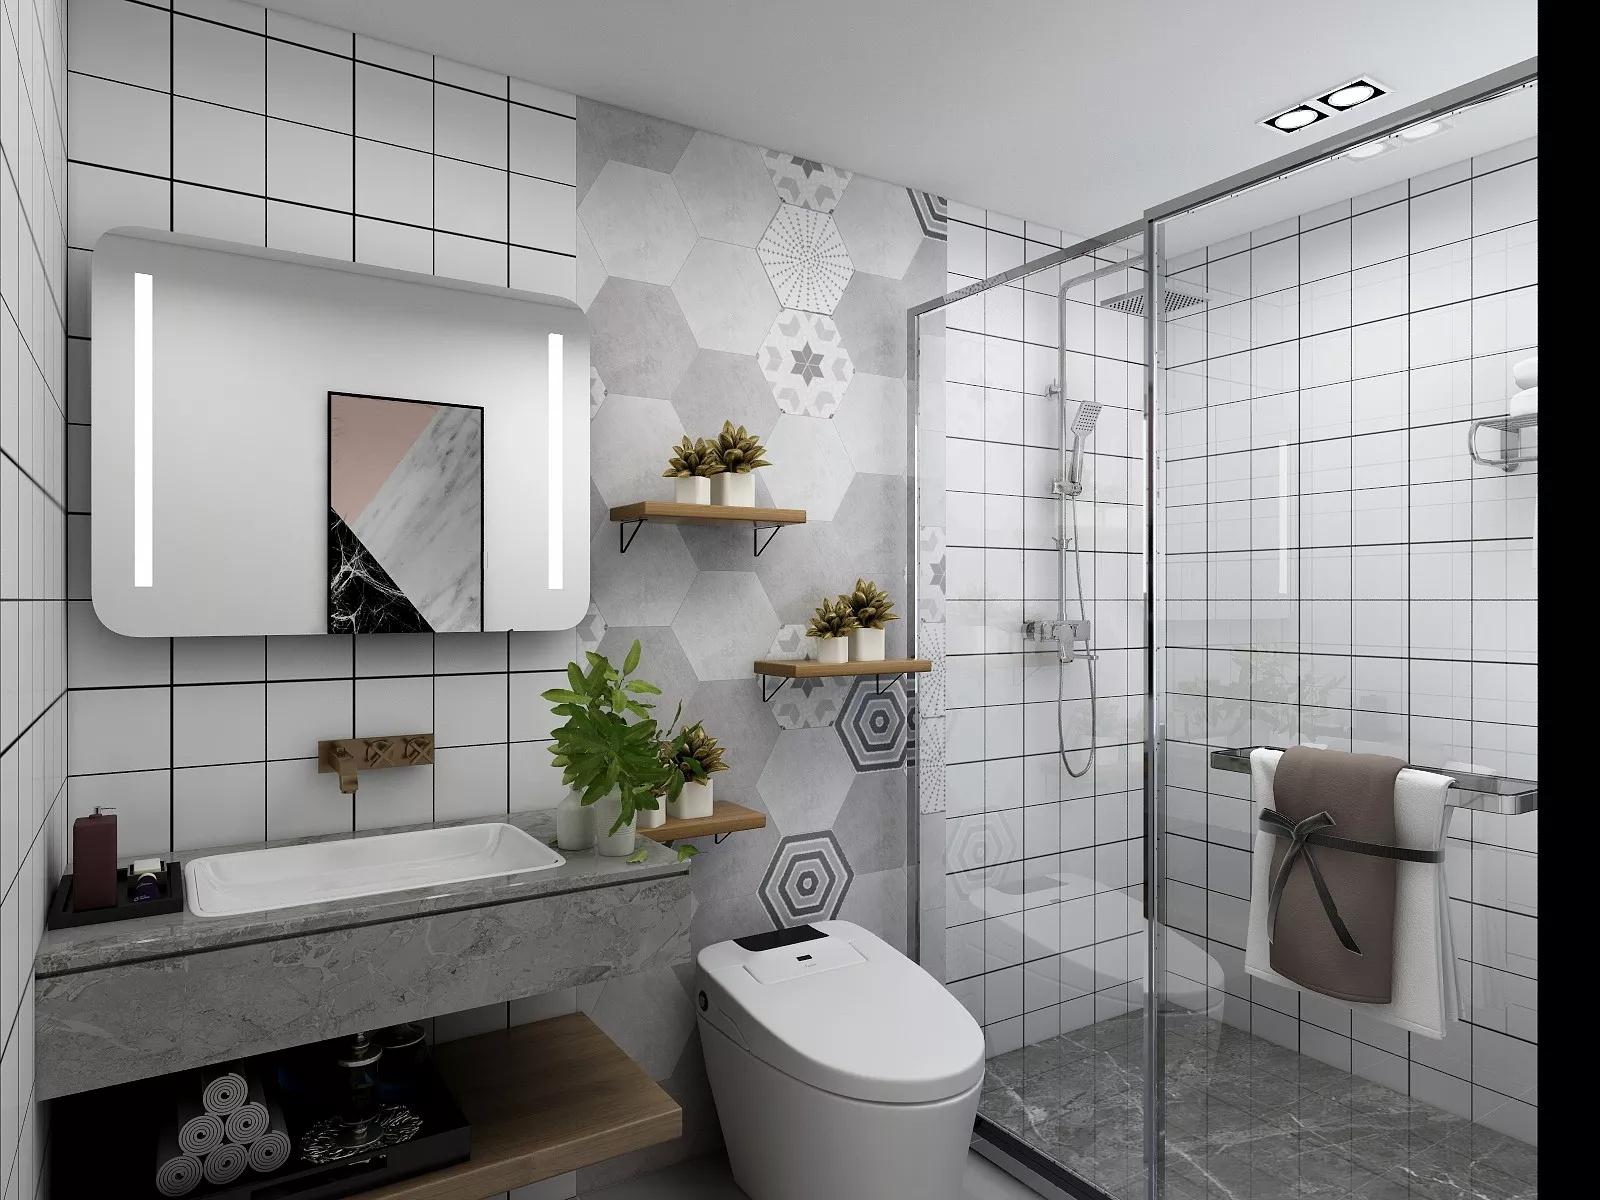 整体淋浴房怎么安装 整体淋浴房安装步骤介绍